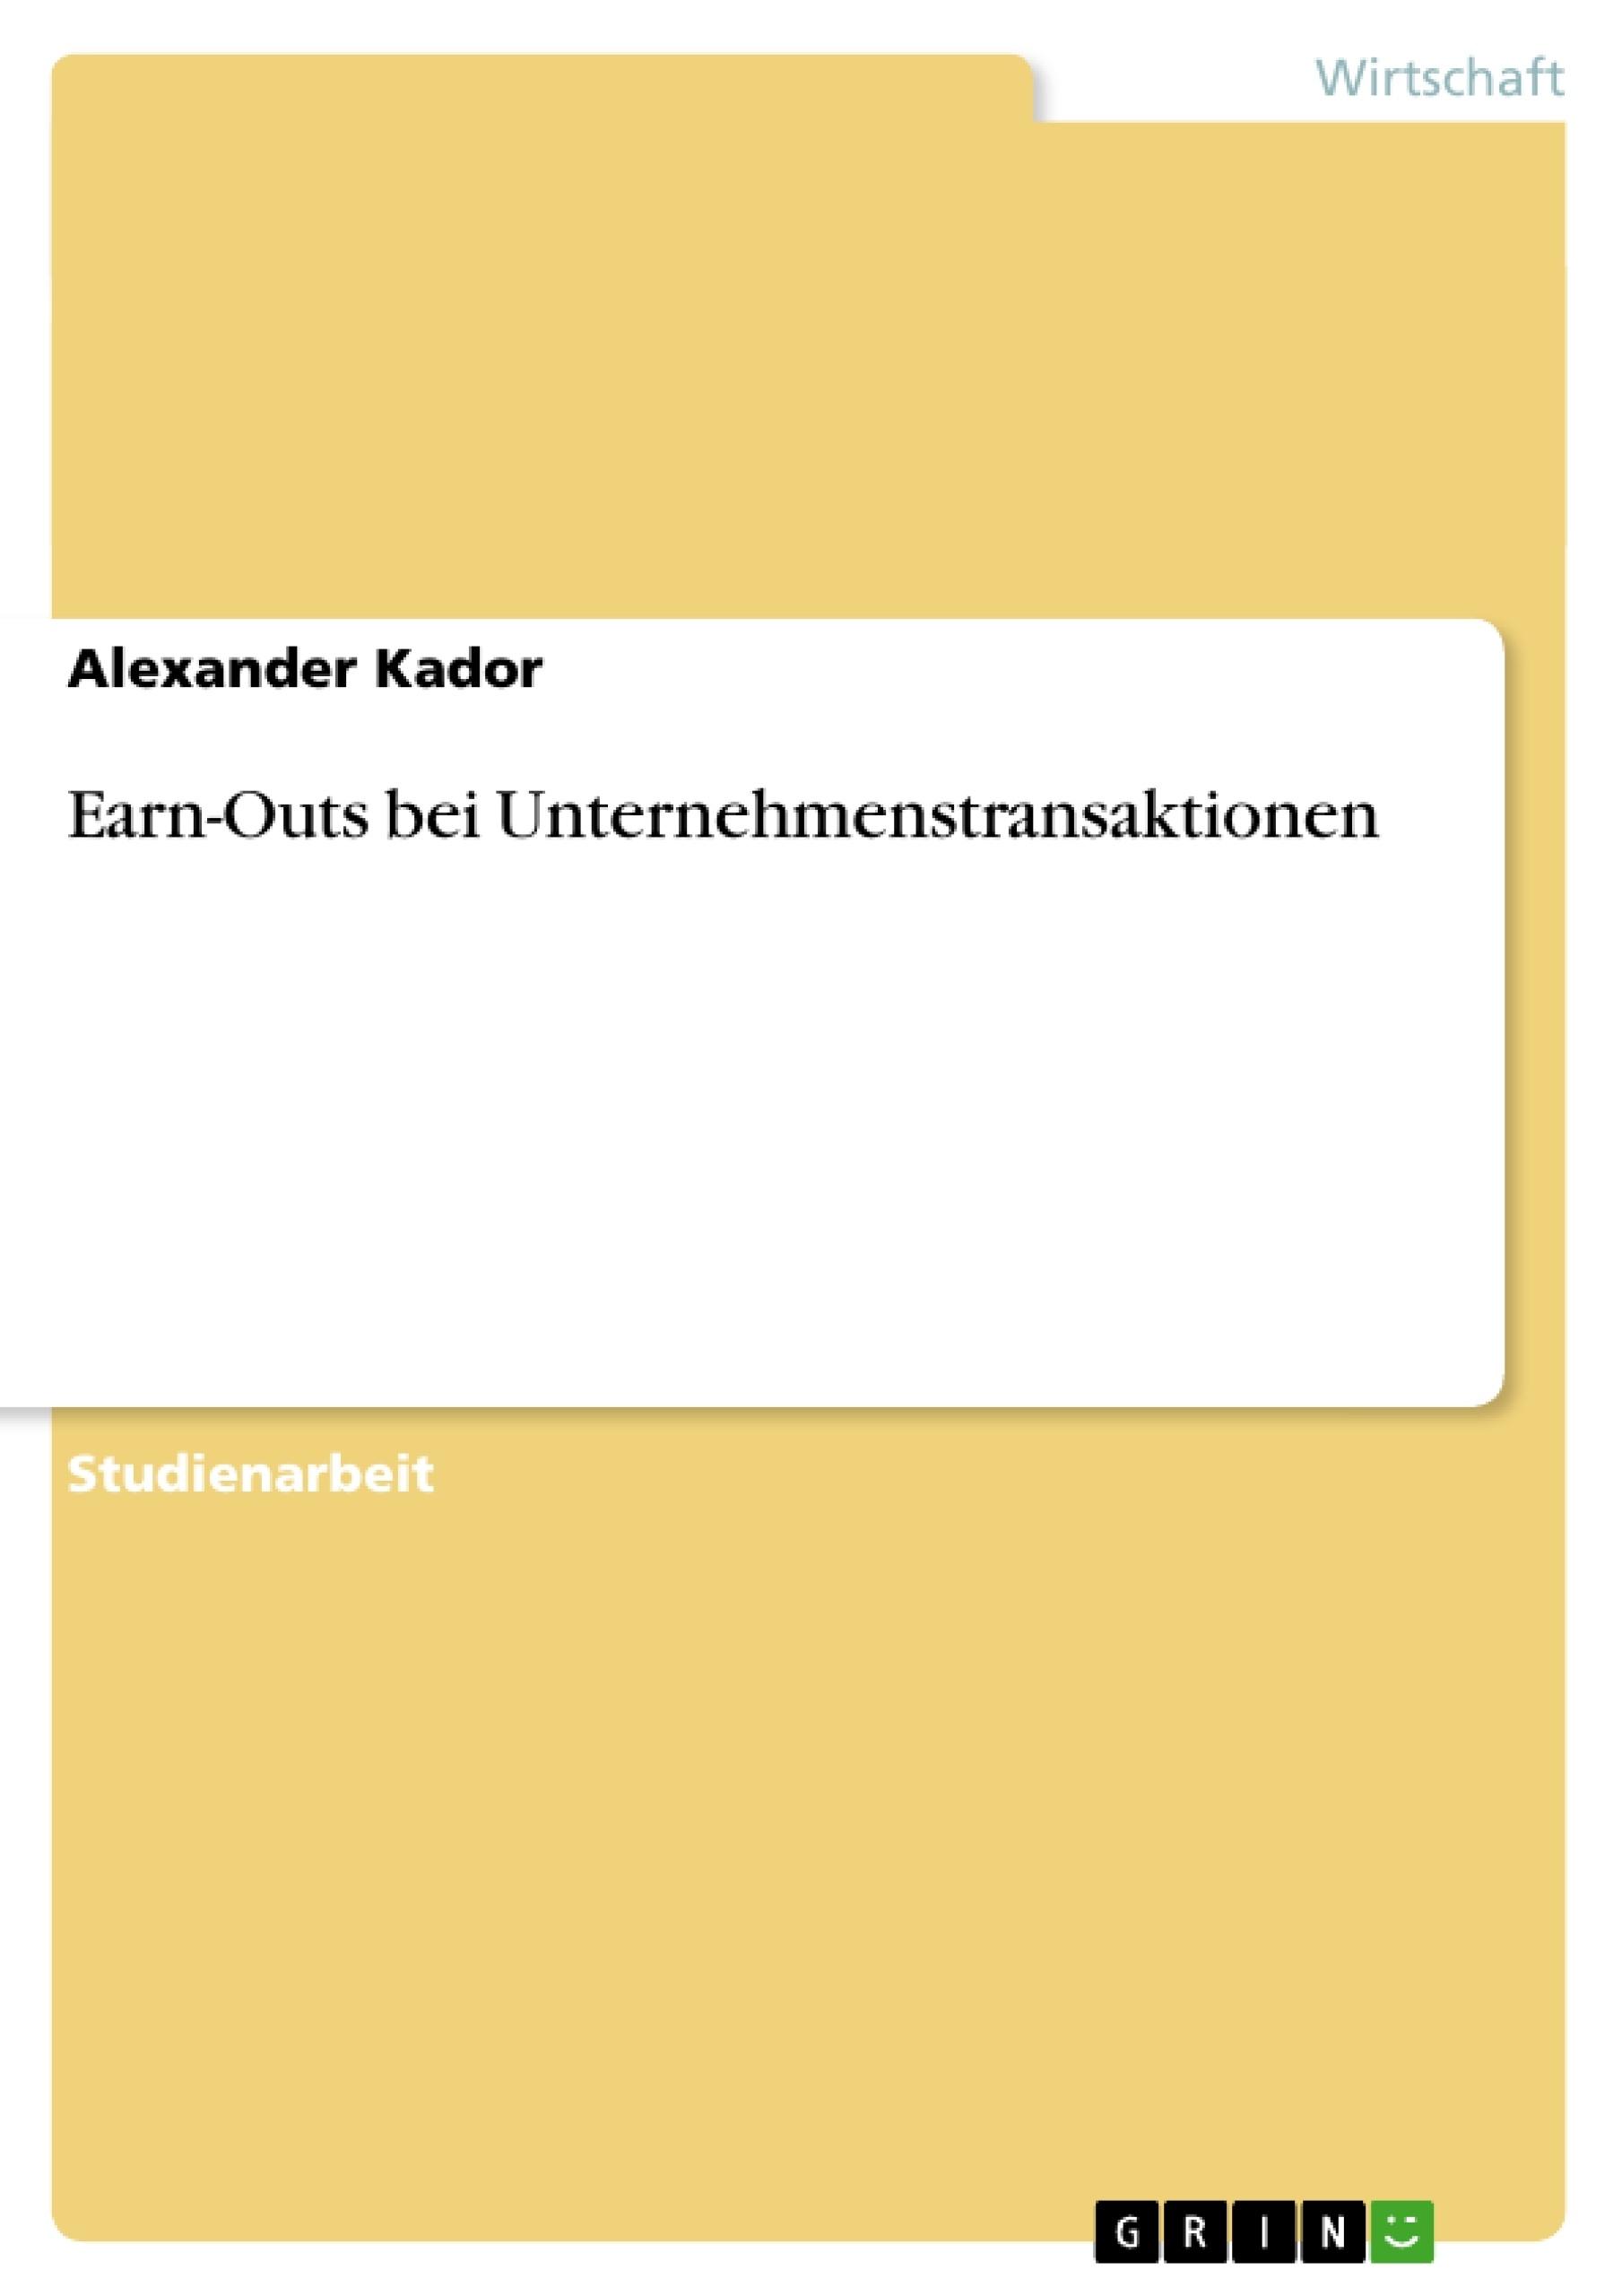 Titel: Earn-Outs bei Unternehmenstransaktionen